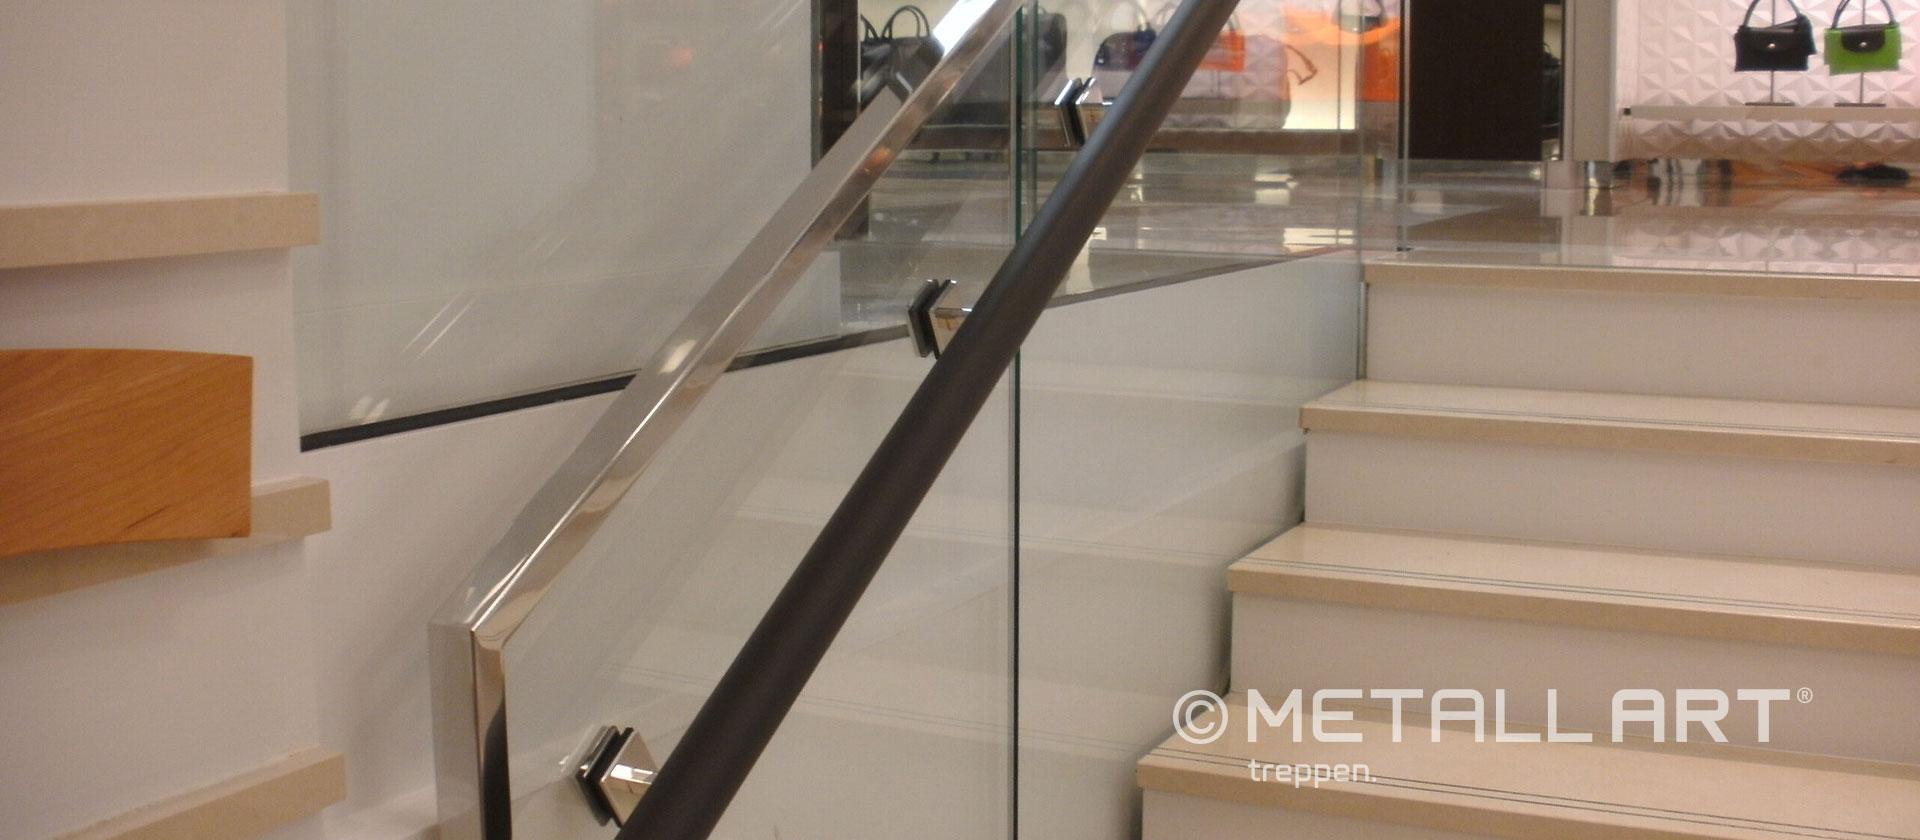 Stylische Treppe in Läden